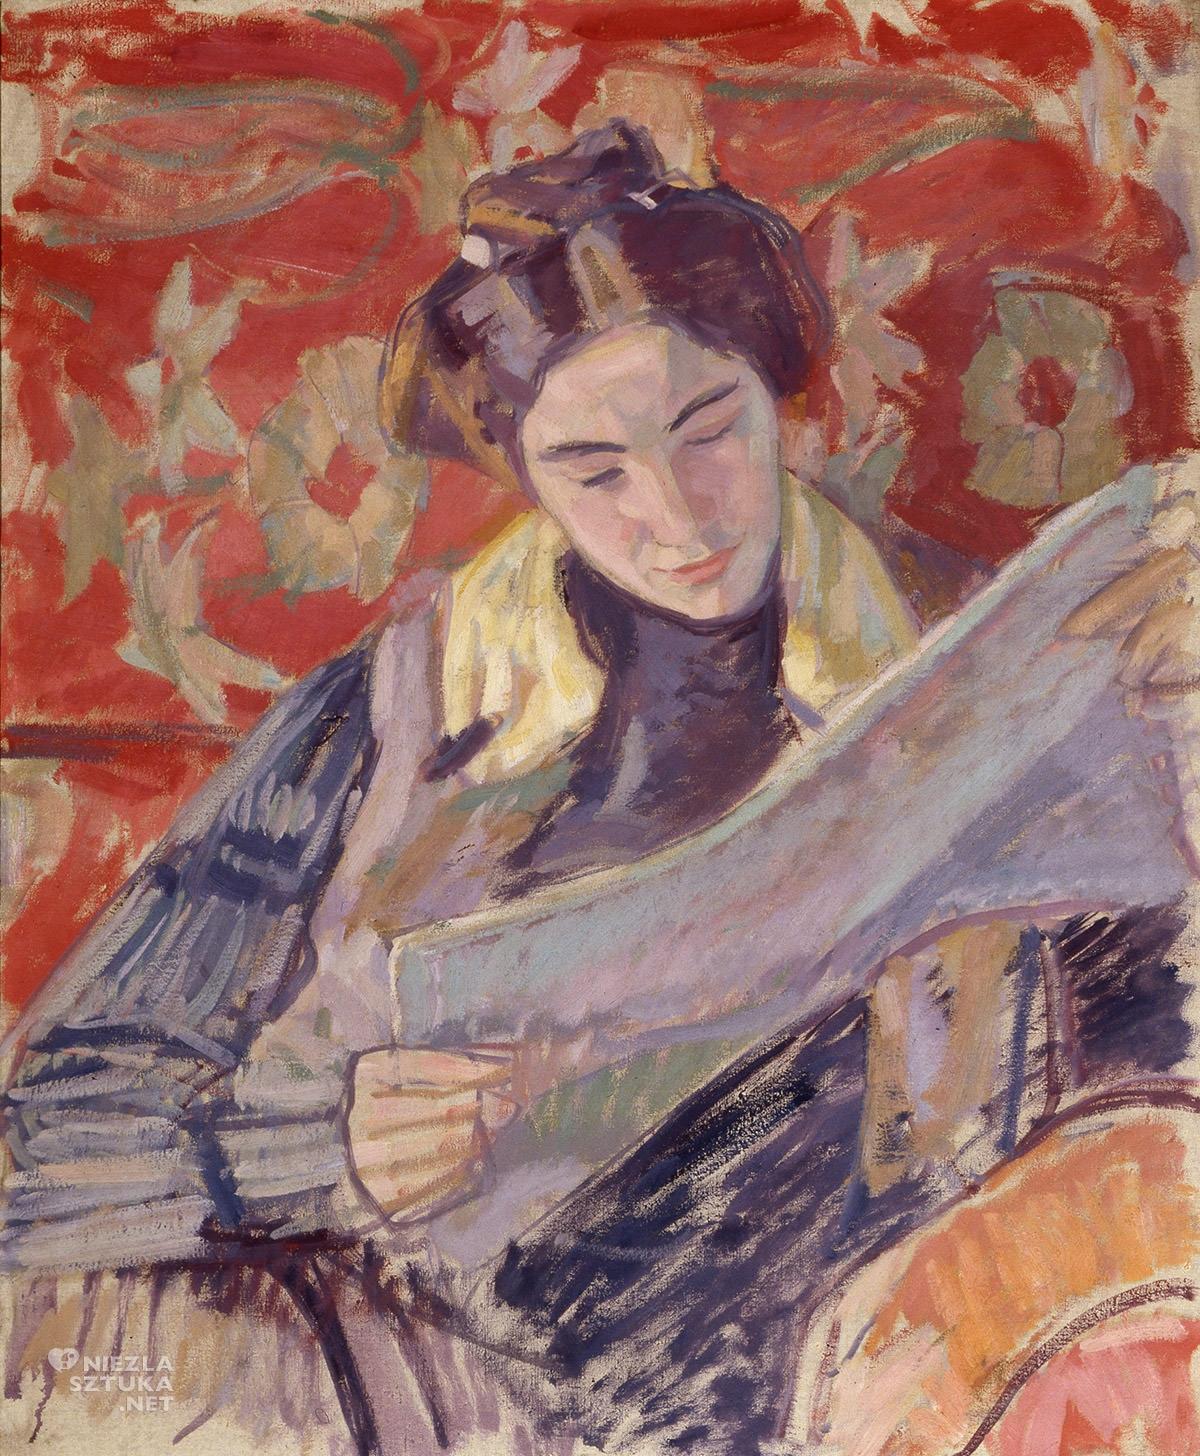 Wojciech Weiss, Renia czytająca I, Irena Weiss, kobiety w sztuce, sztuka polska, Niezła Sztuka